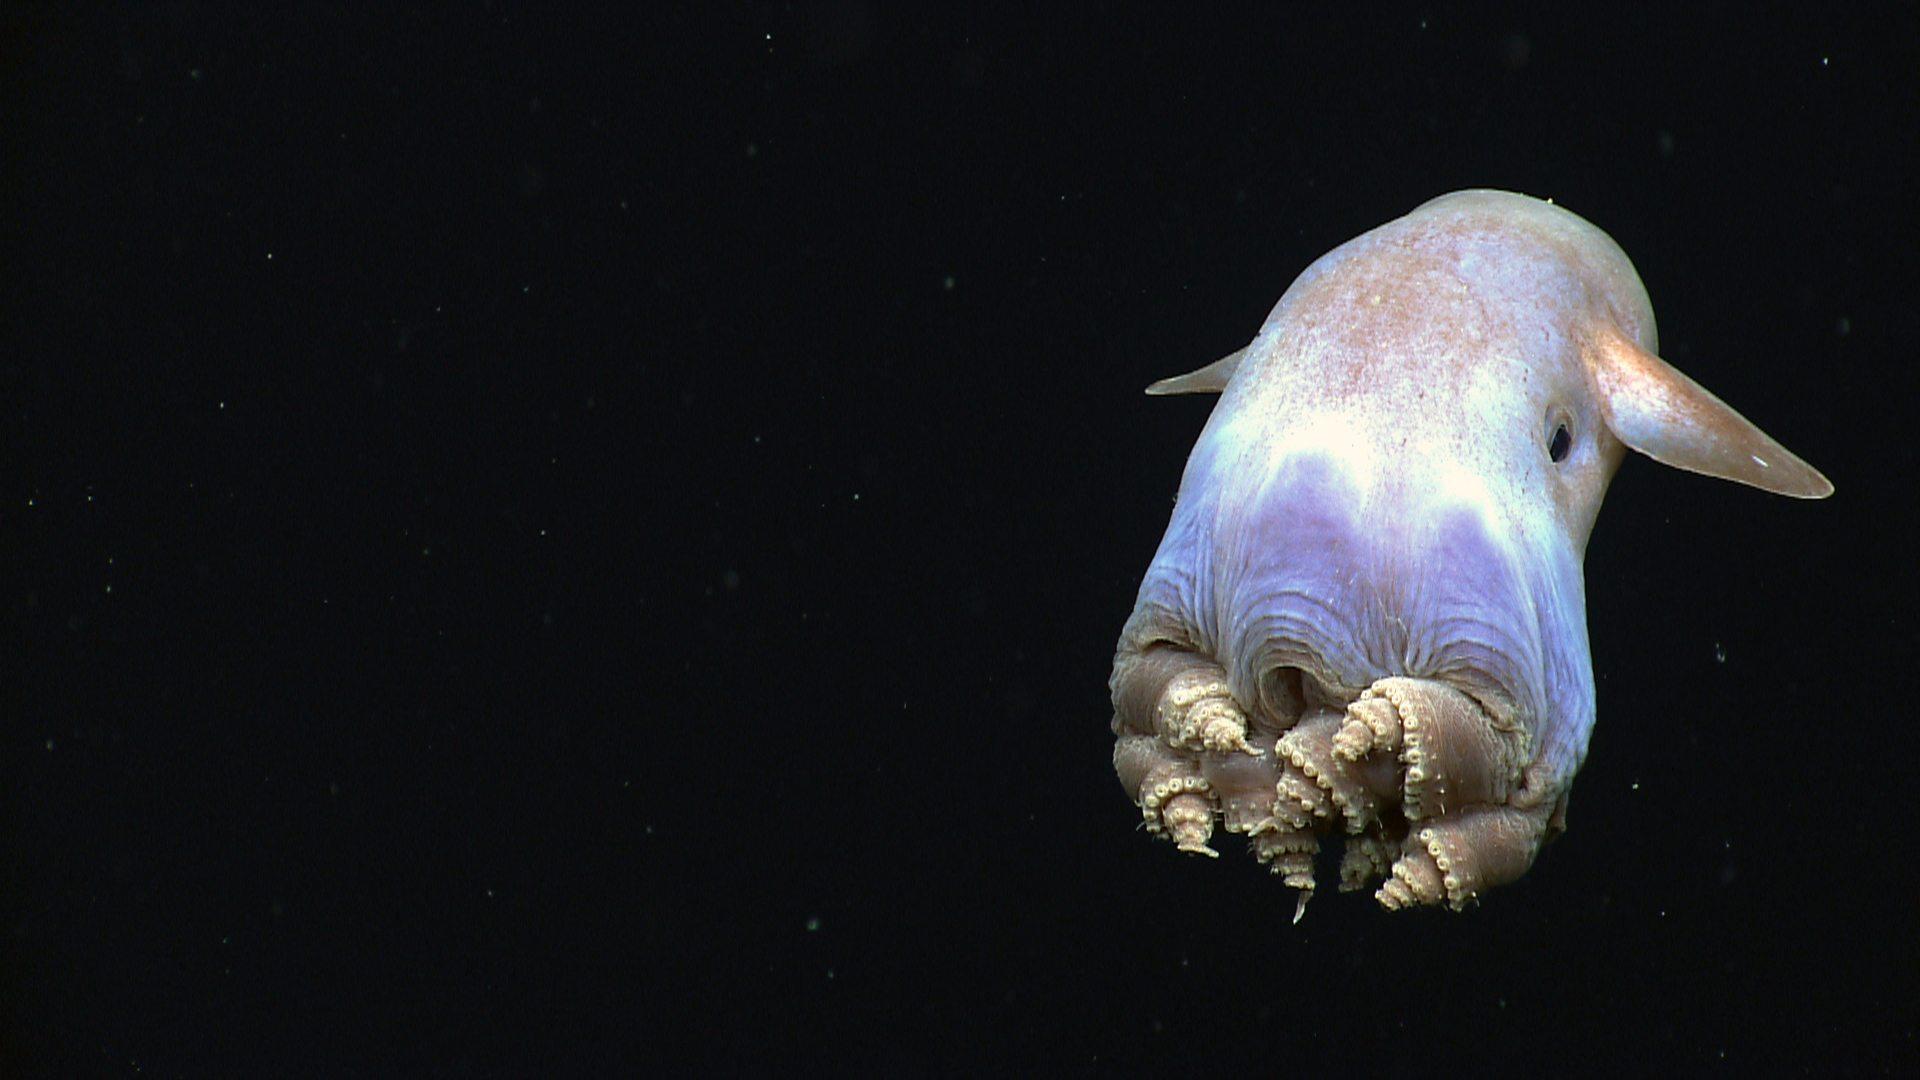 Image: Dumbo Octopus